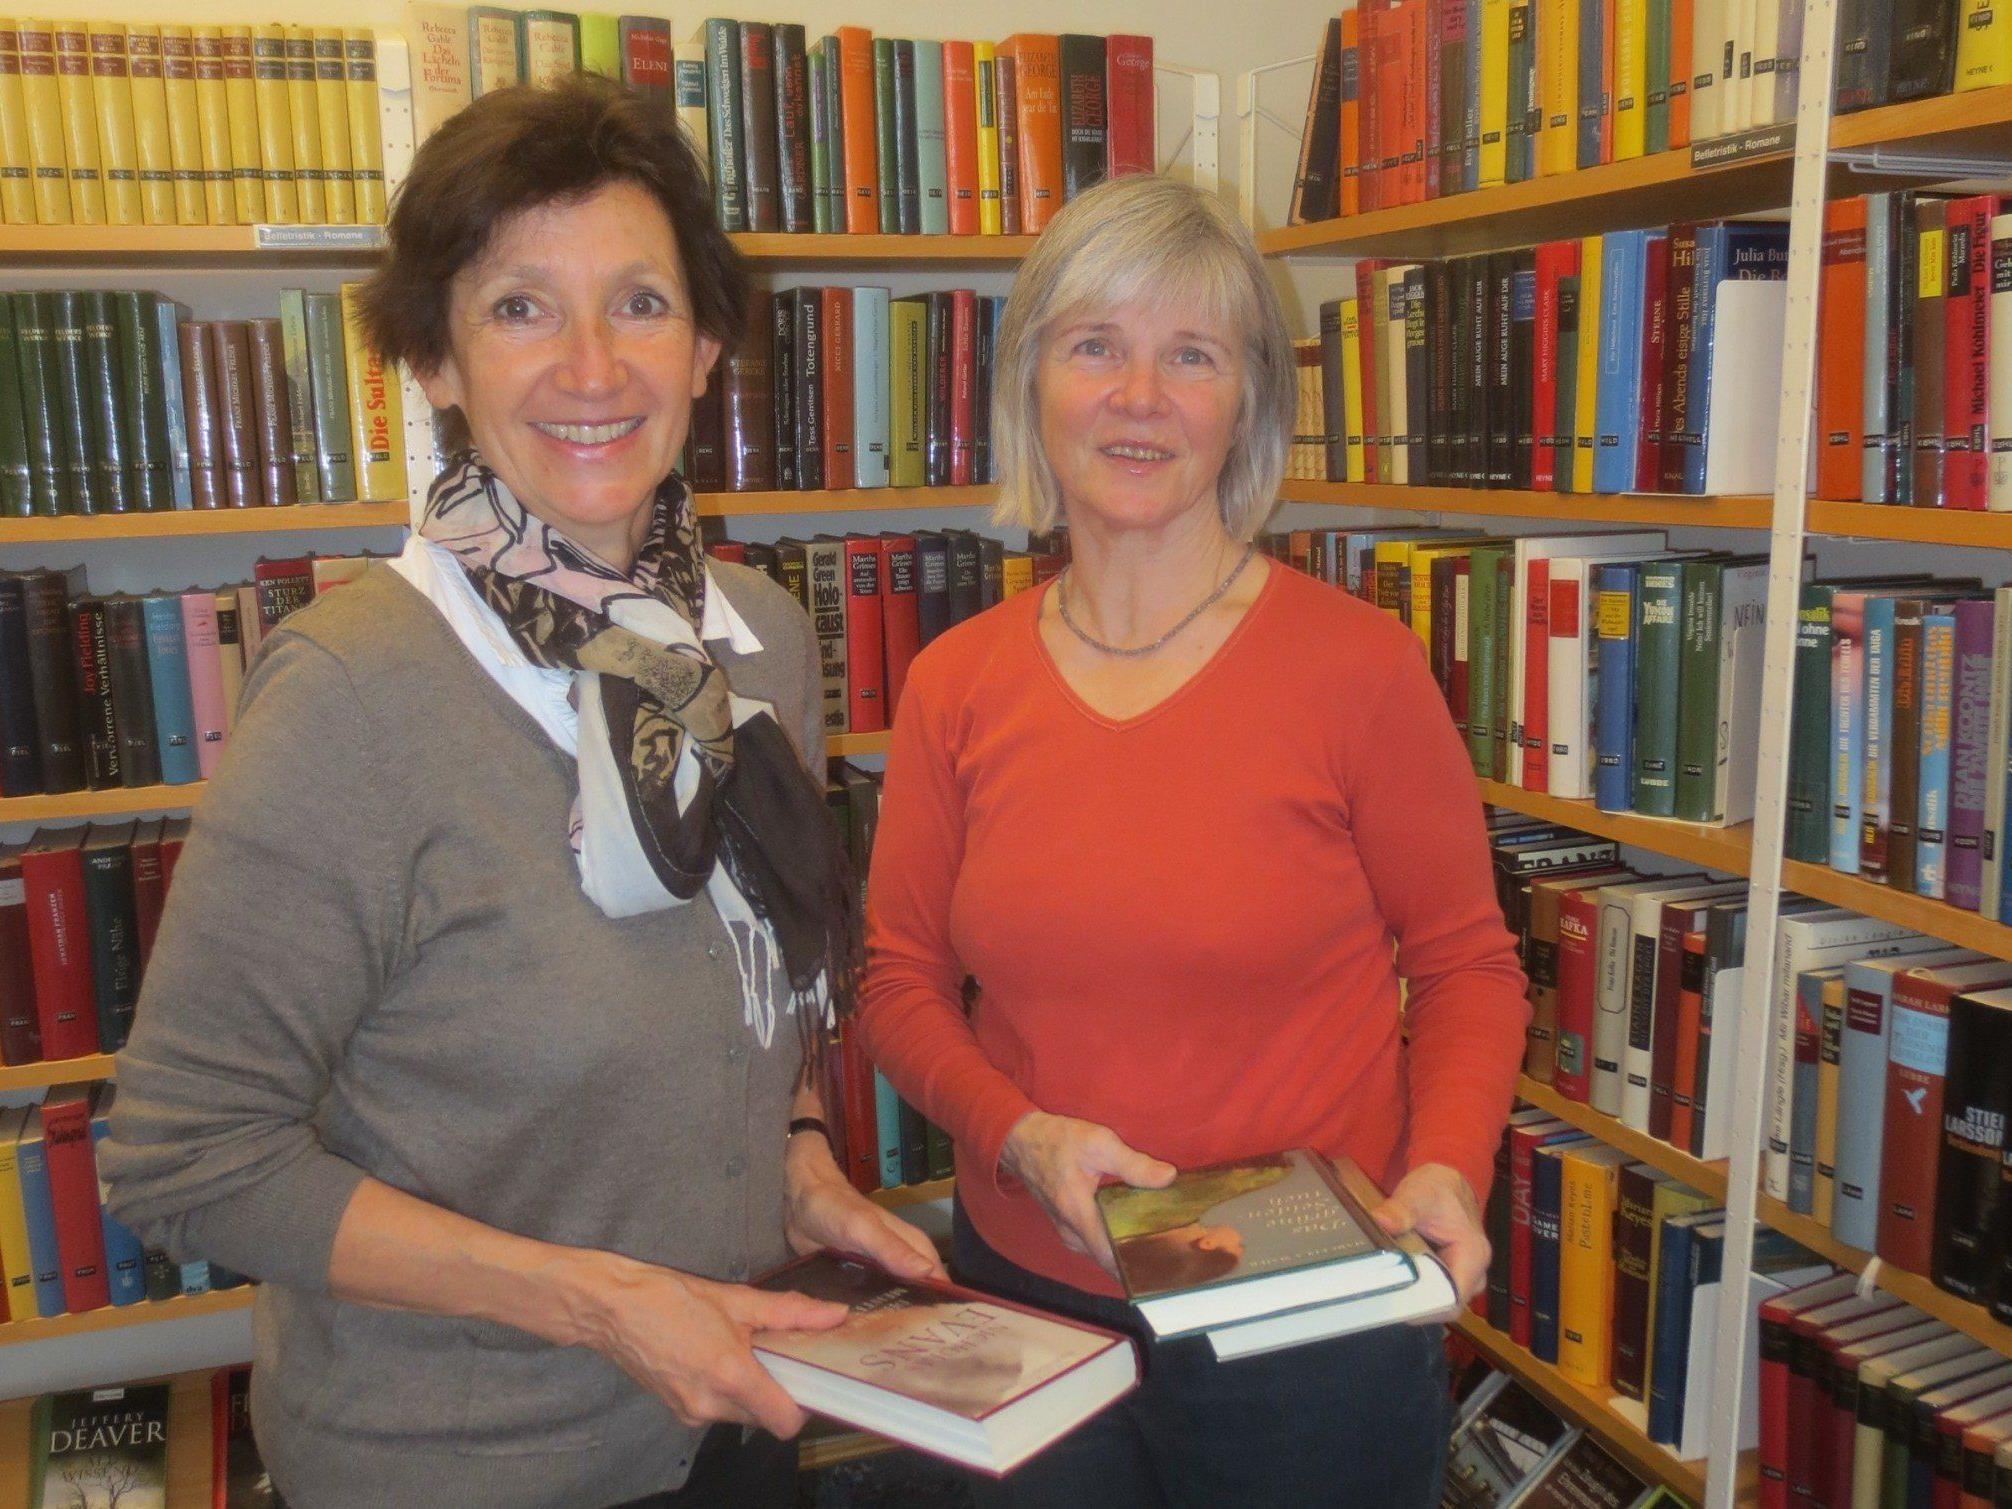 Silvia Schallert und Berti Fessler als engagiertes Bücherei-Team in Beratung und Verwaltung.